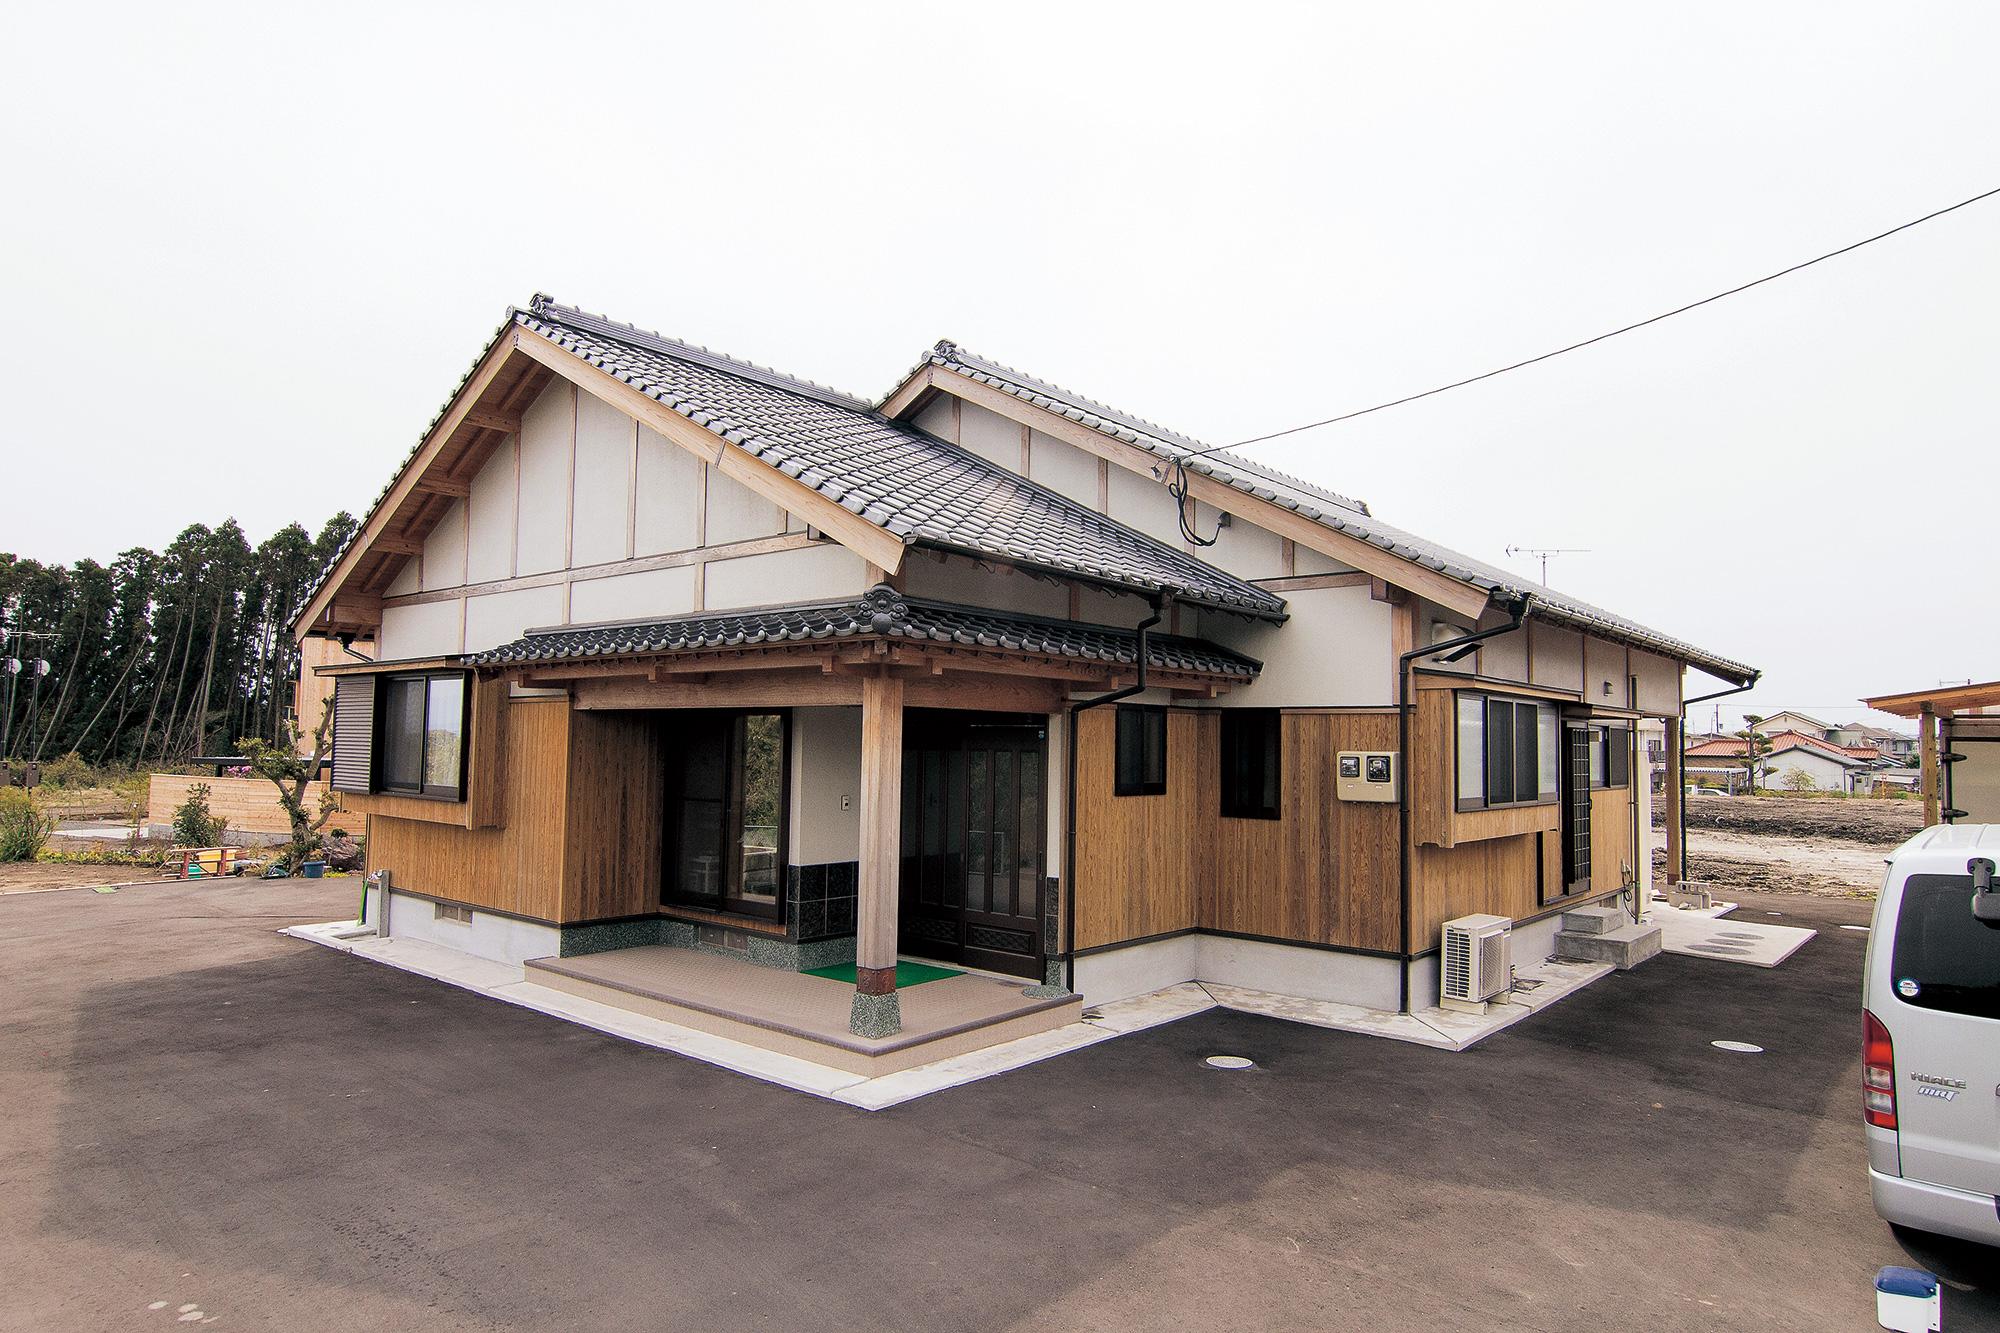 シンプルなデザインに、板張りや瓦屋根など和の風情を盛り込んだK邸。自然素材だけに、経年変化で味わい深くなるのも楽しみ